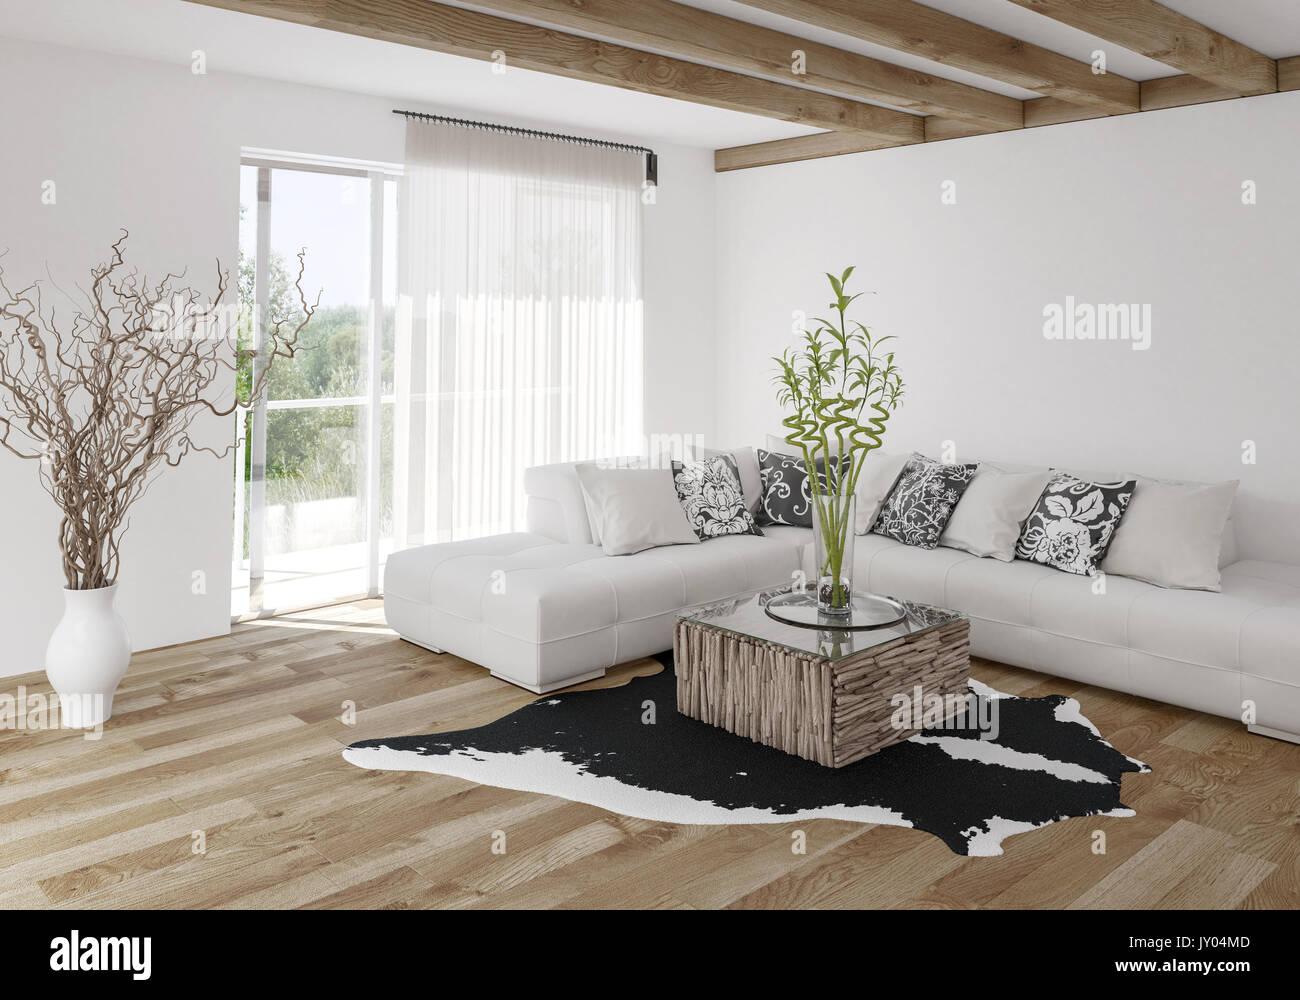 Holzfußboden Wohnzimmer ~ Modern hell und luftig stilvolles wohnzimmer mit holzbalken und